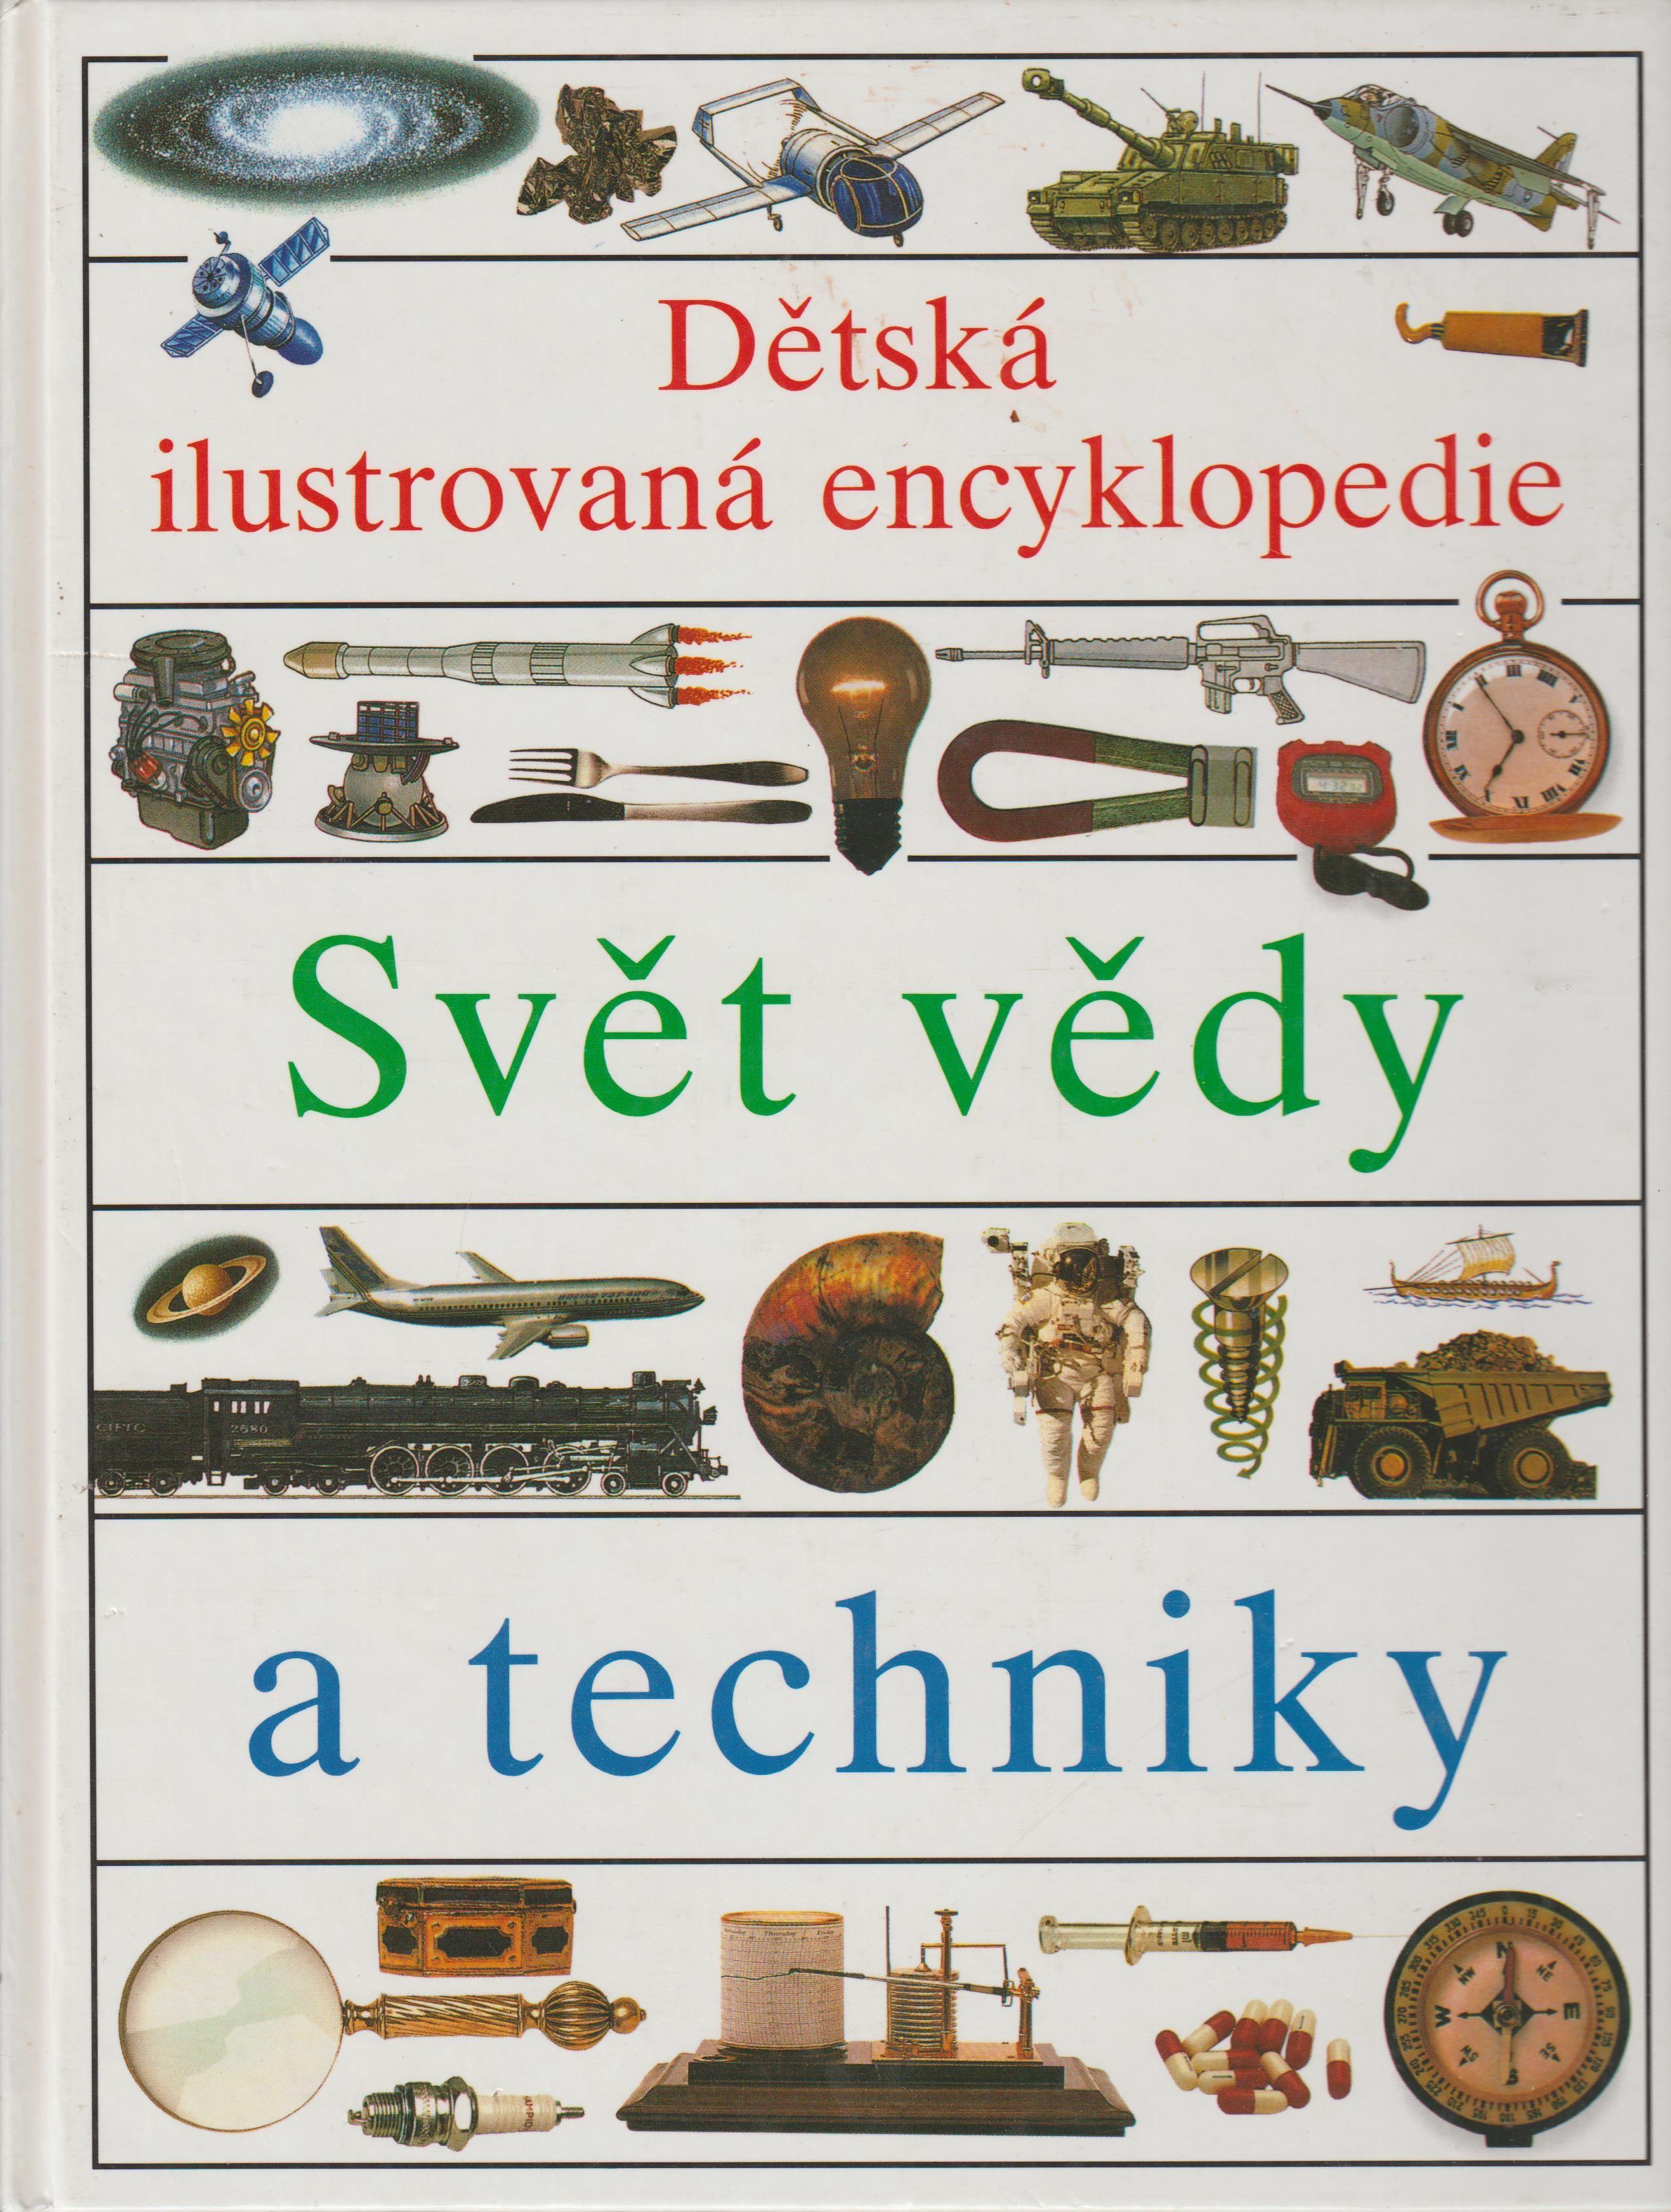 Dětská ilustrovaná encyklopedie, Svět vědy a techniky